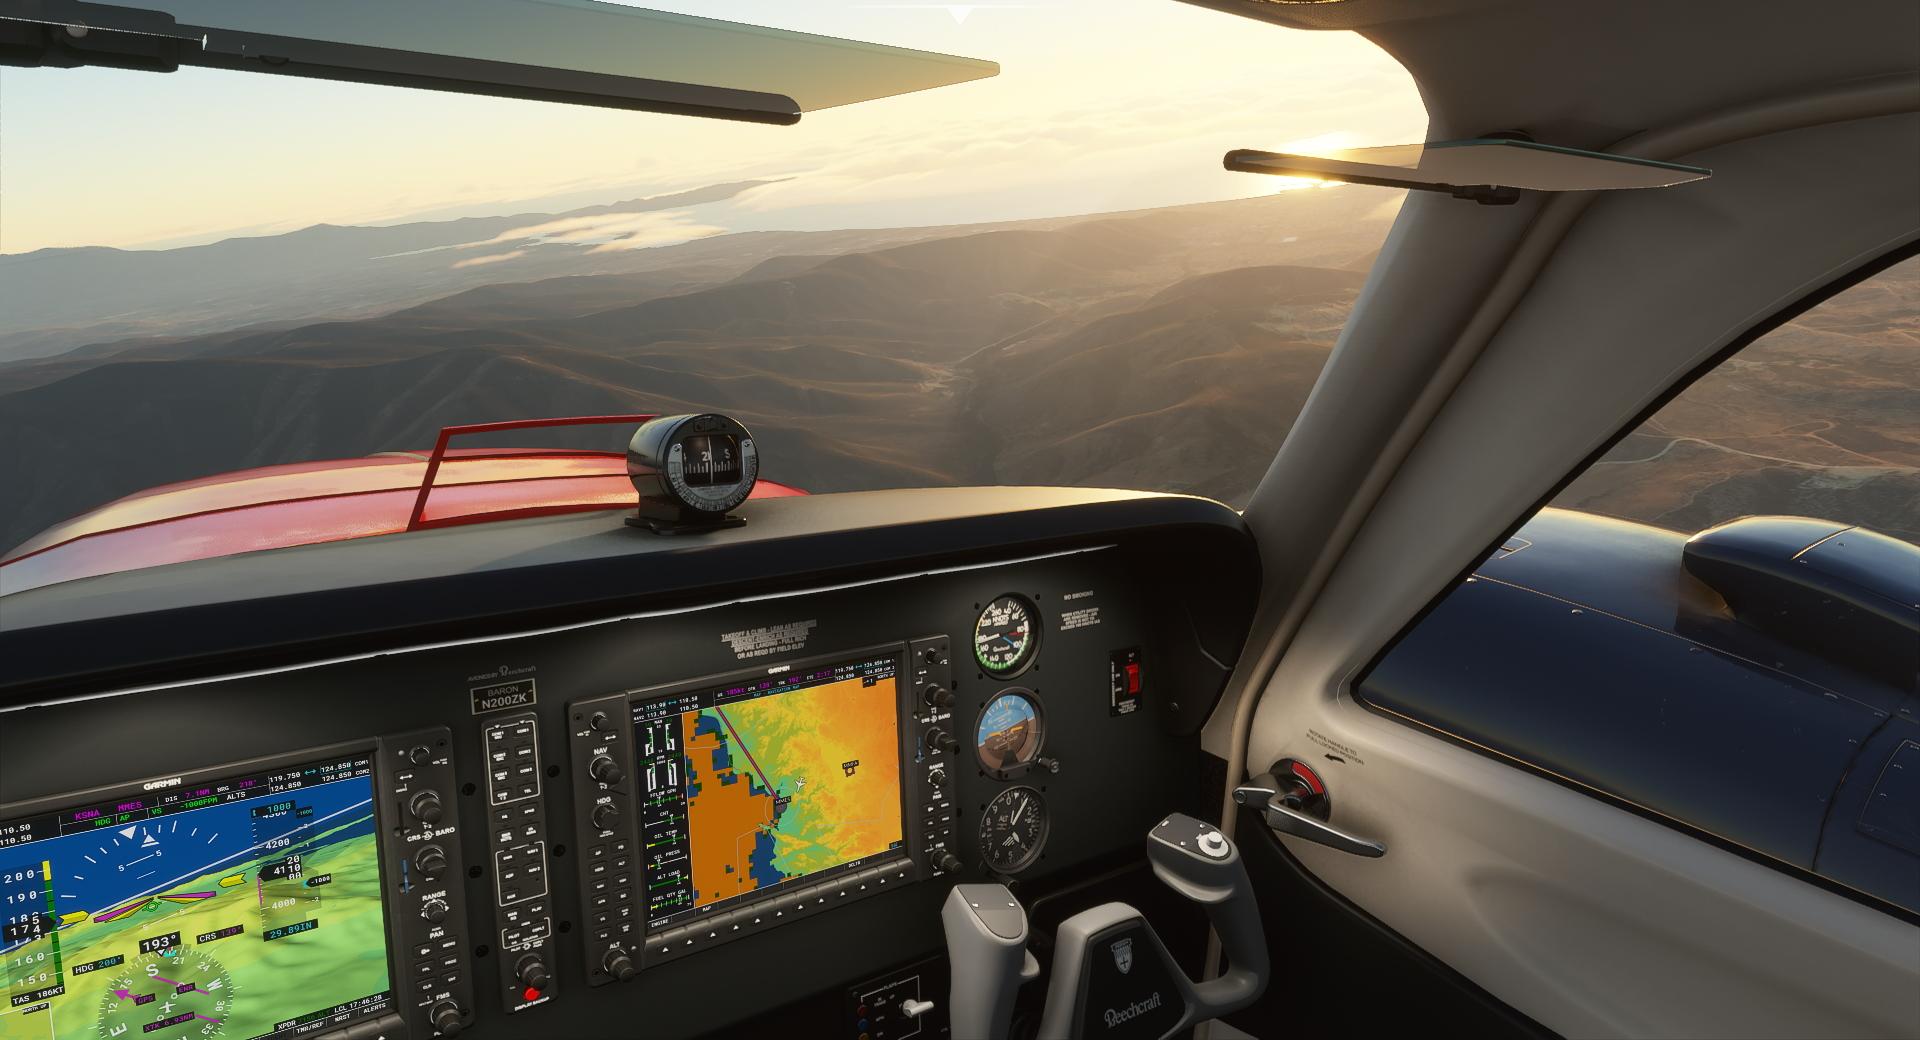 Microsoft Flight Simulator Baron Cockpit In Mexico